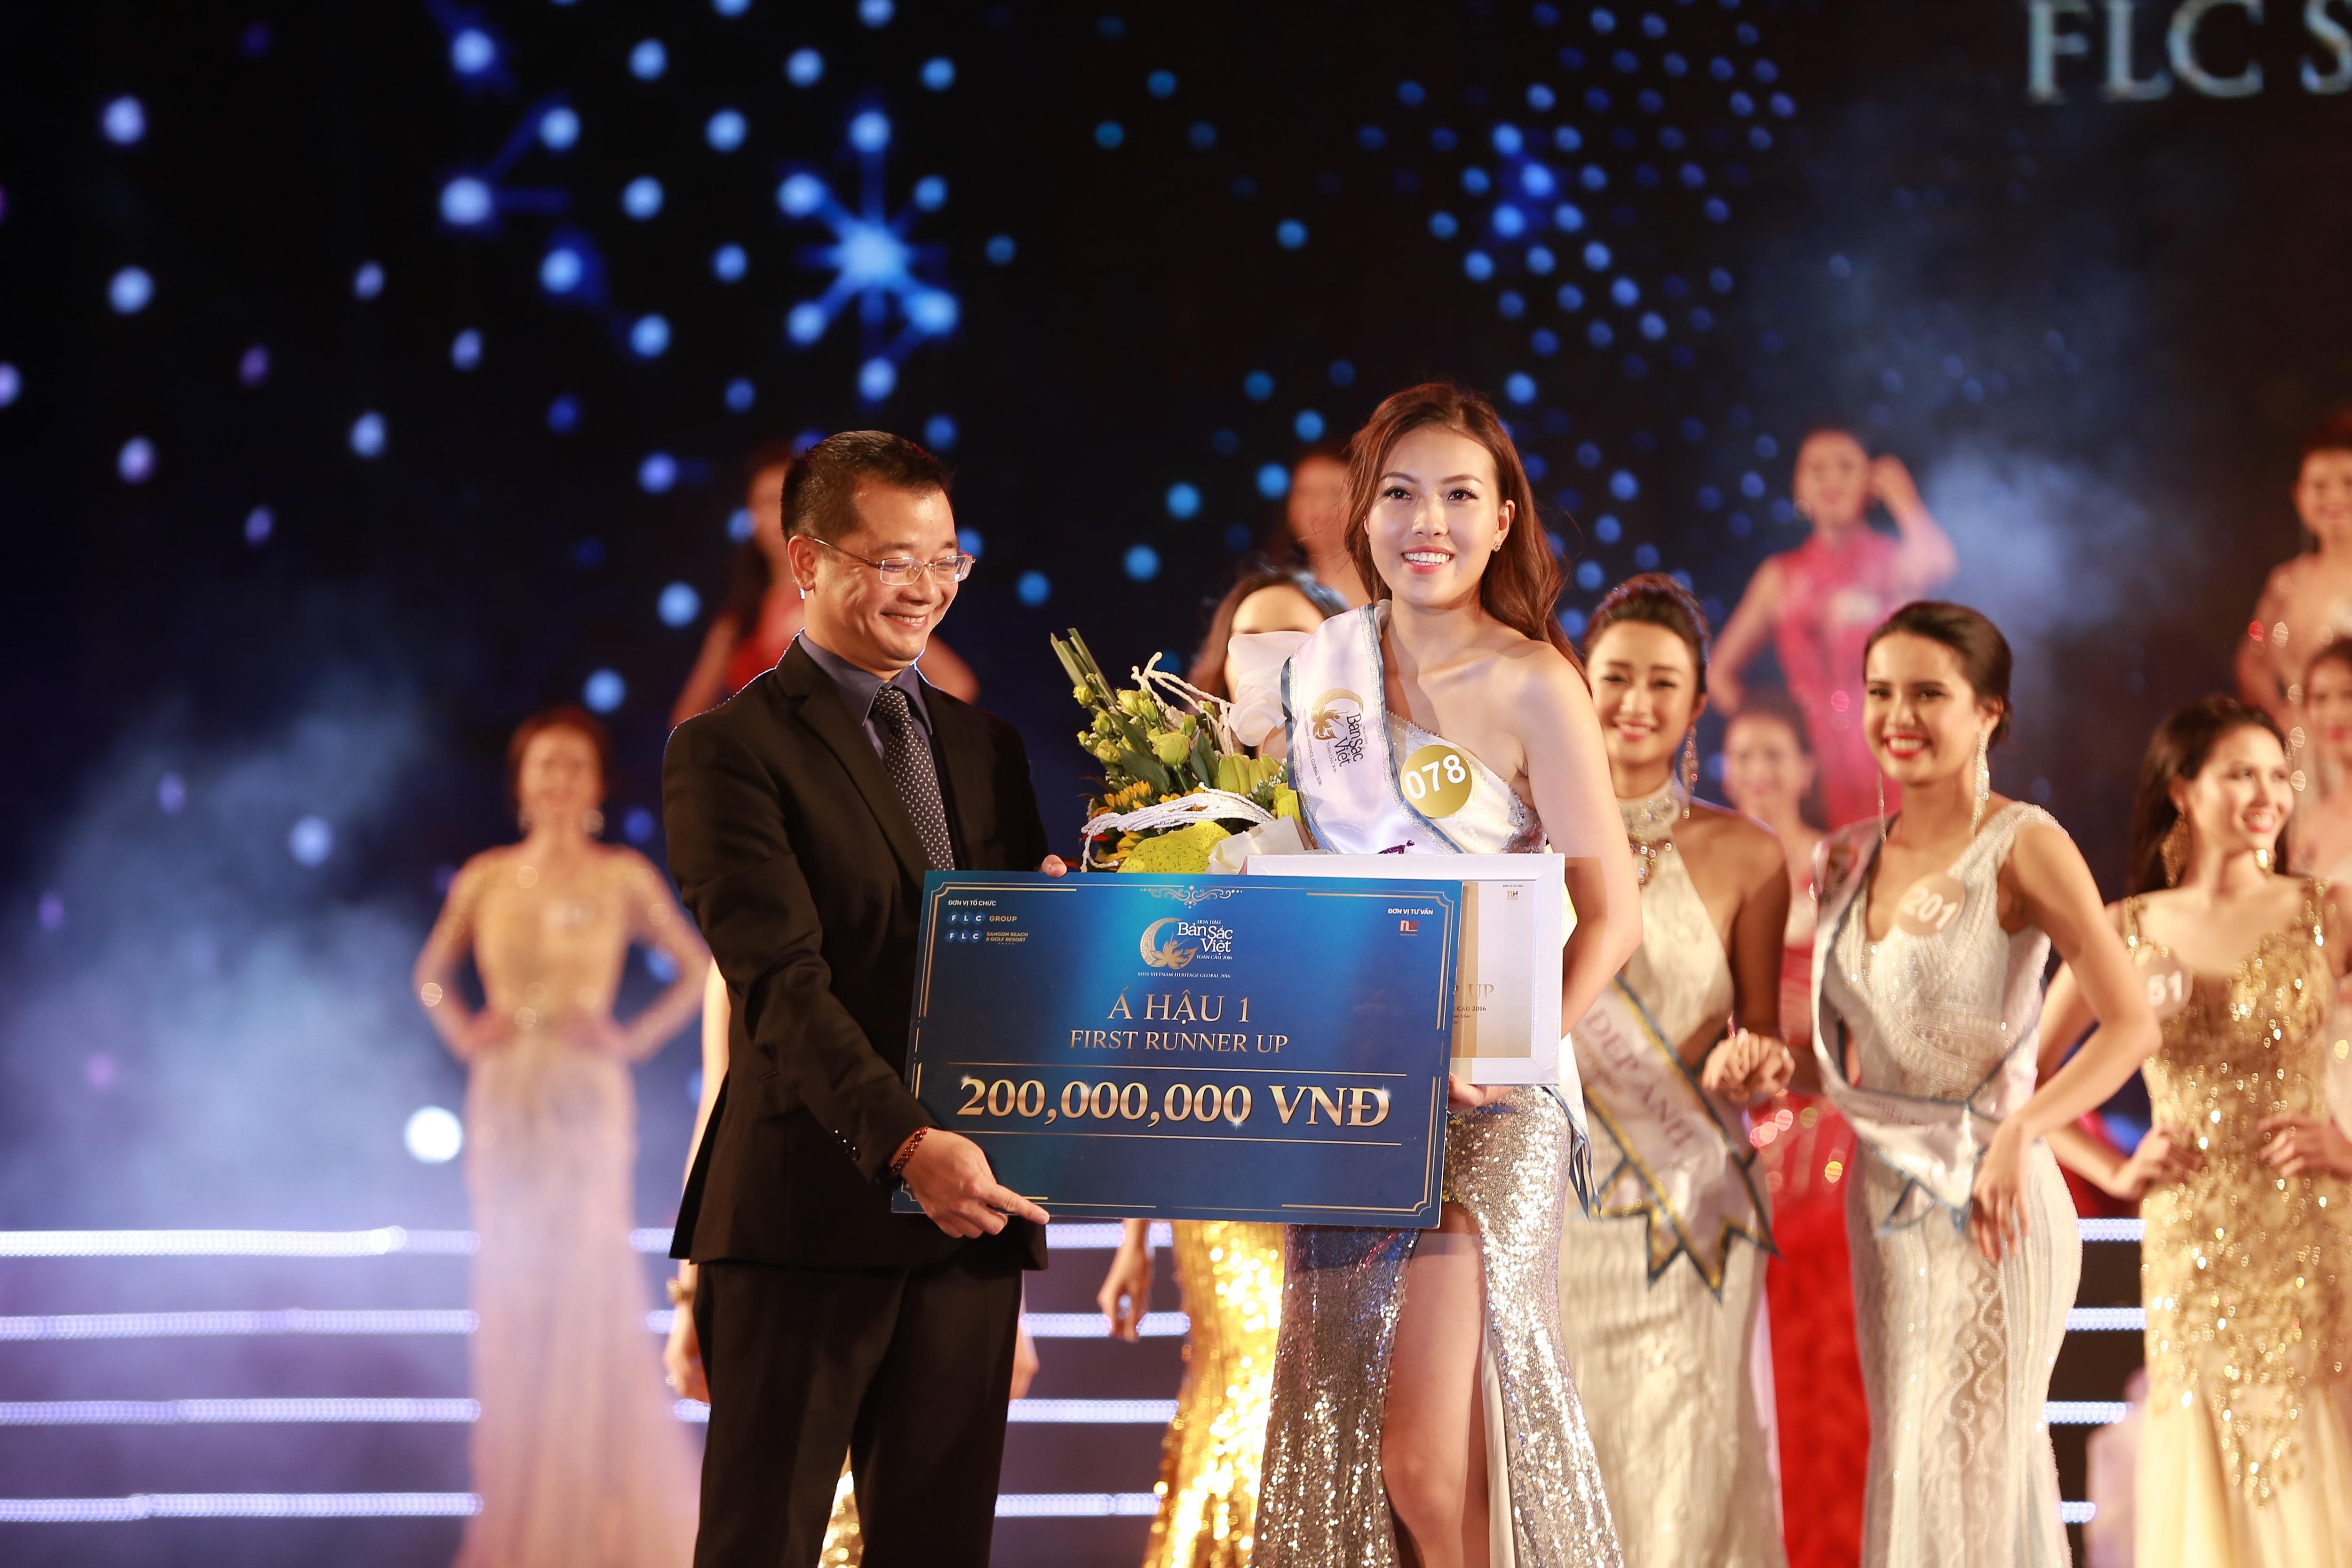 Giây phút đăng quang của Á hậu 1 Phạm Thuý Hằng.